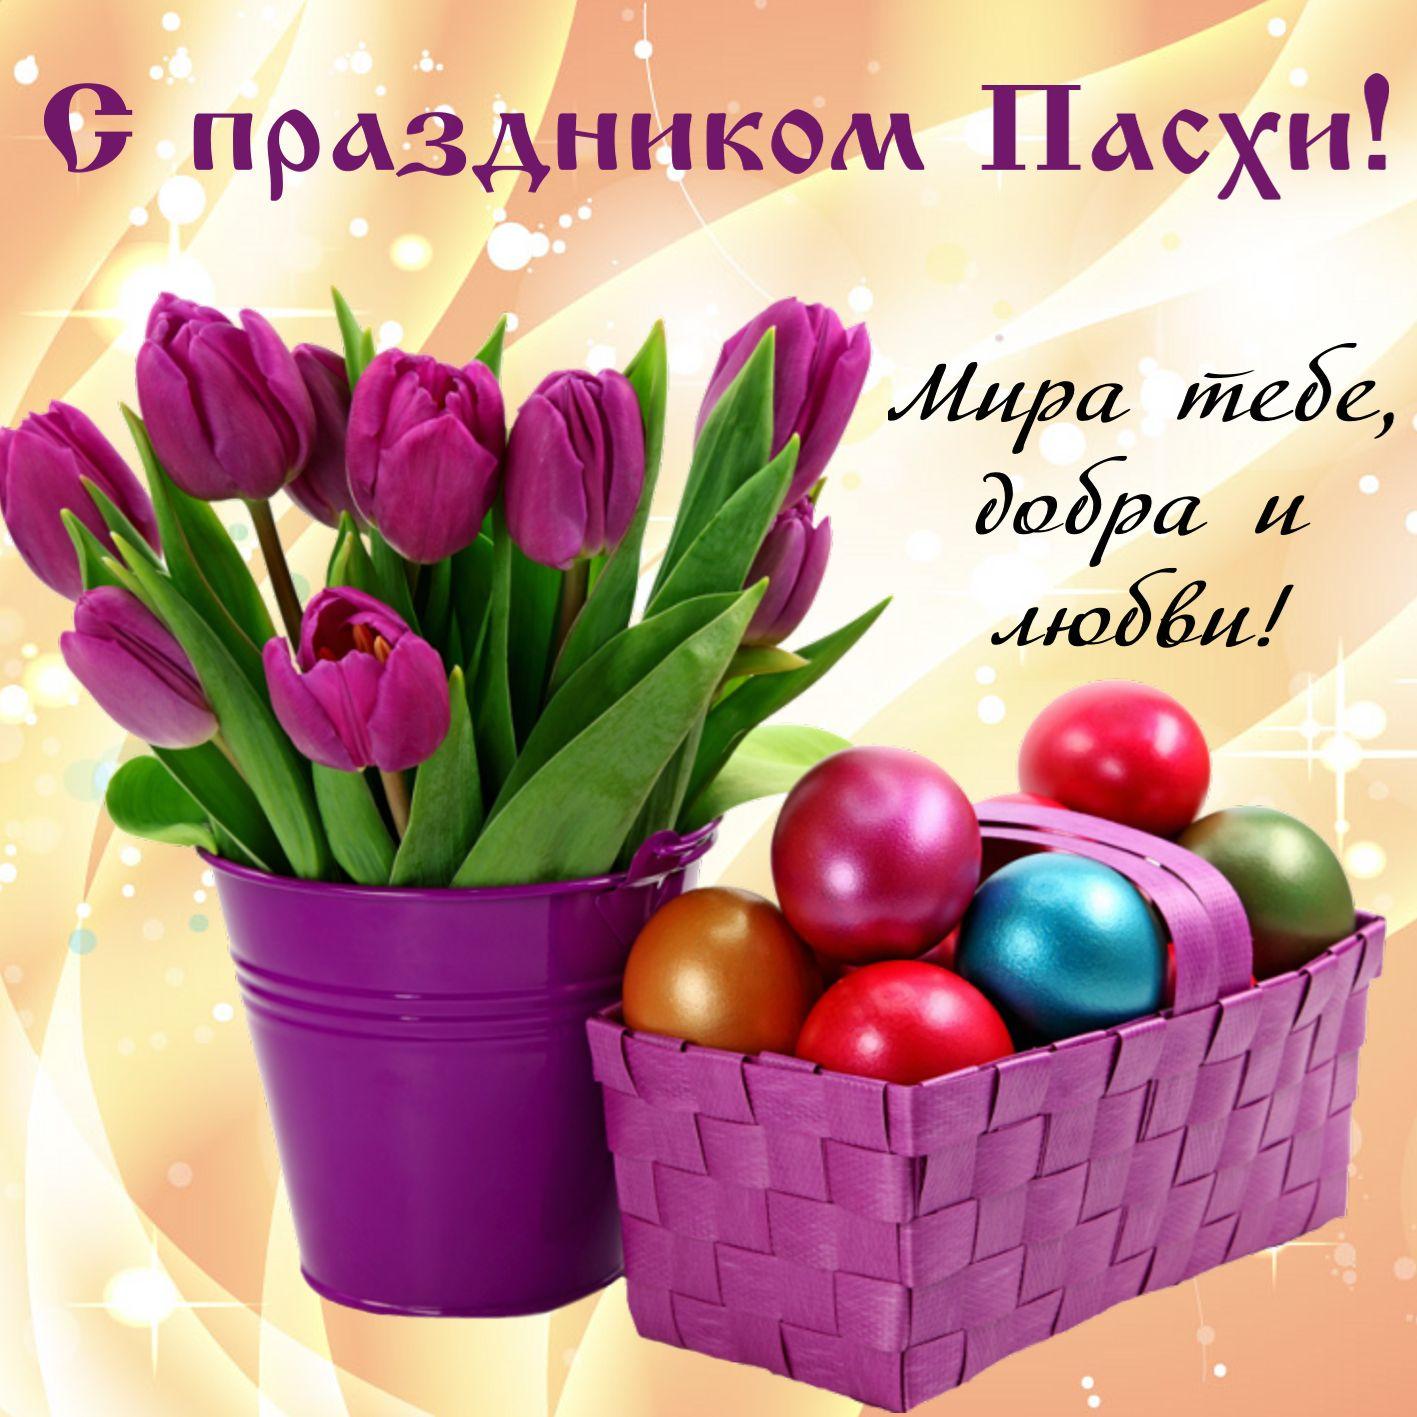 Разноцветные яйца и букет тюльпанов